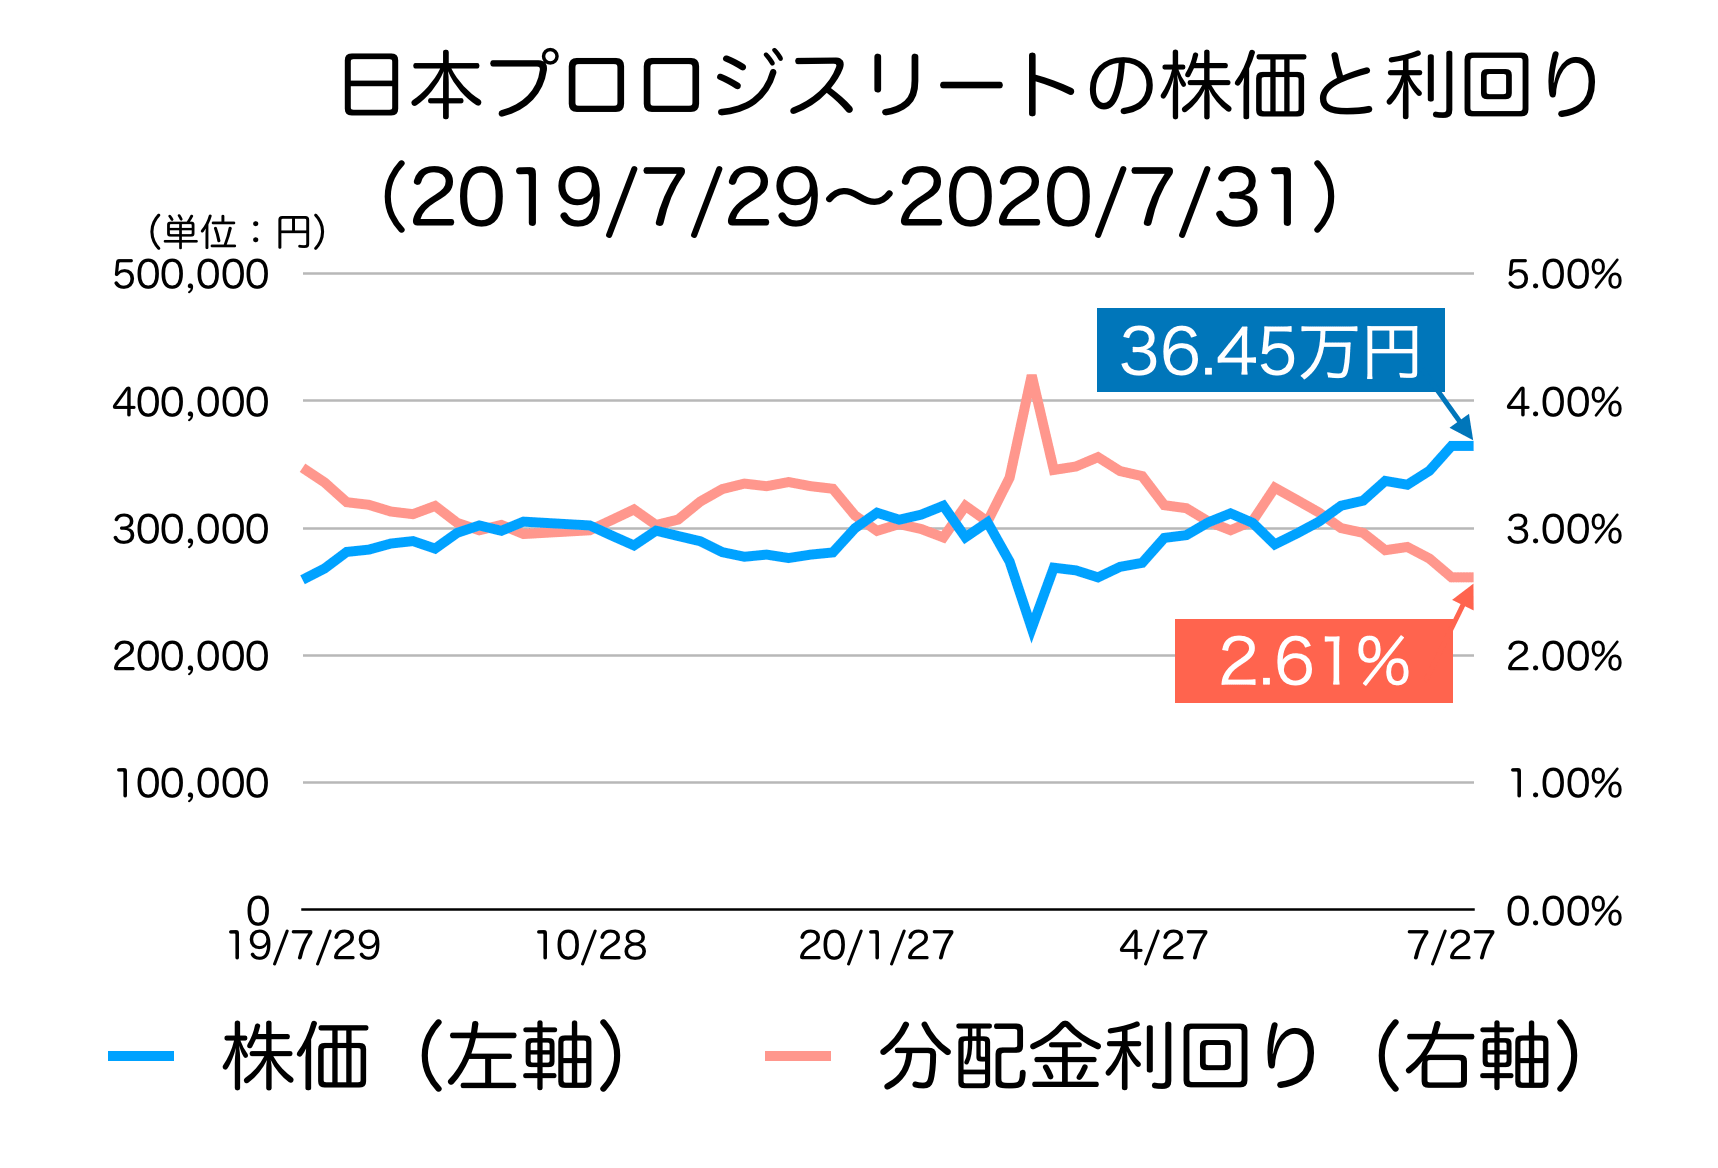 日本プロロジスリート投資法人の株価と利回り